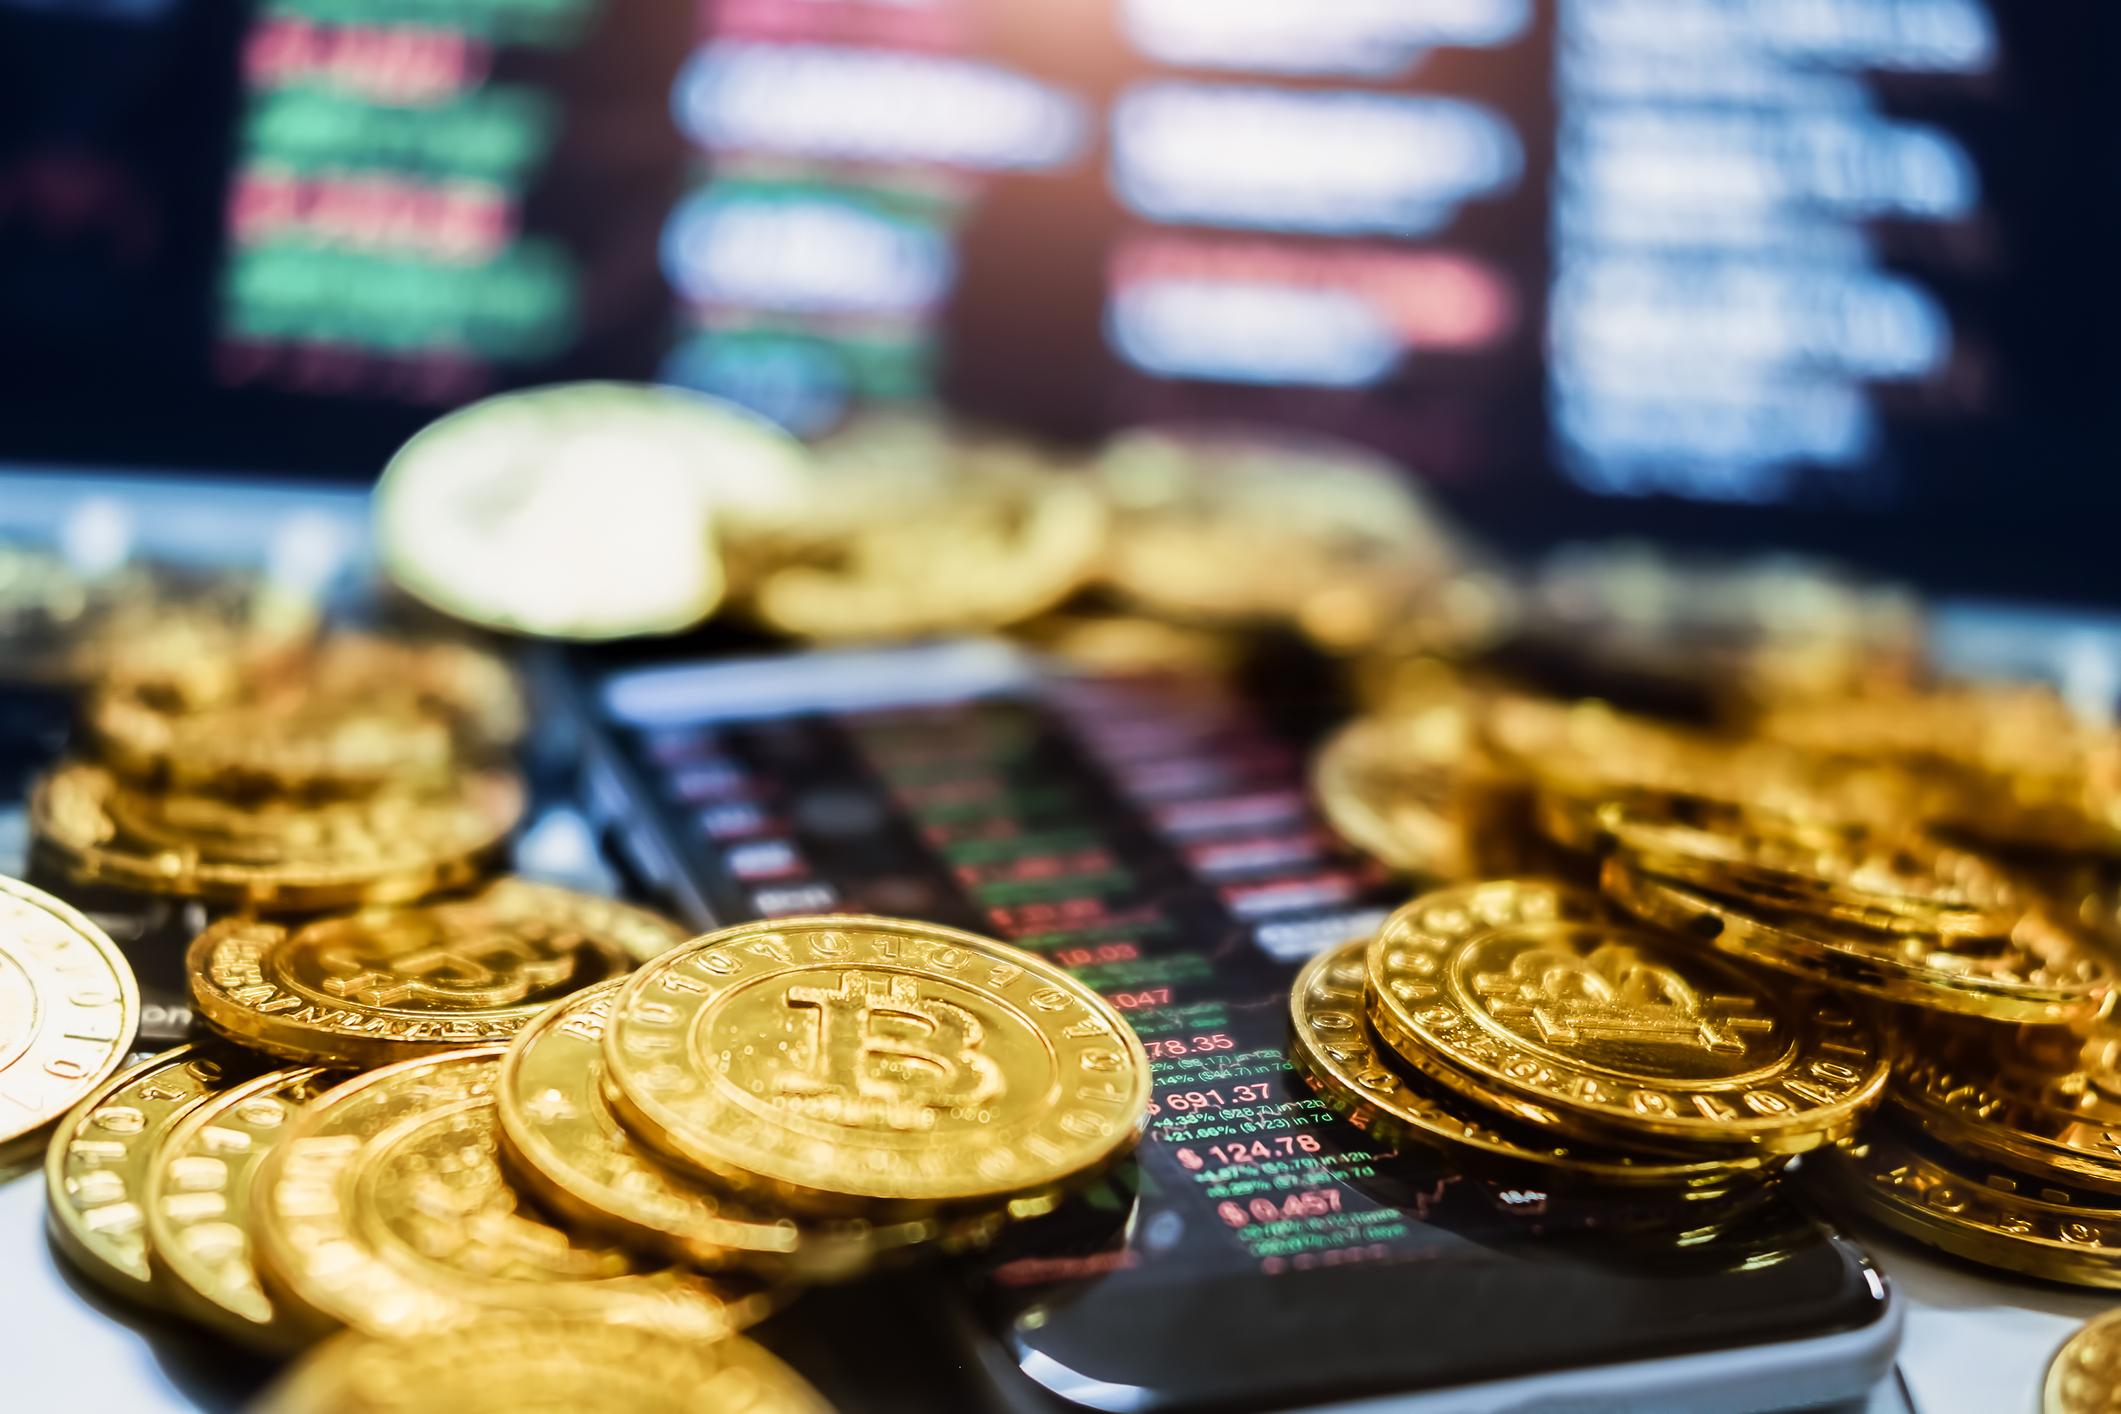 pirkti pigiai bitcoin miner binansas kaip prekiauti litecoin bitcoin